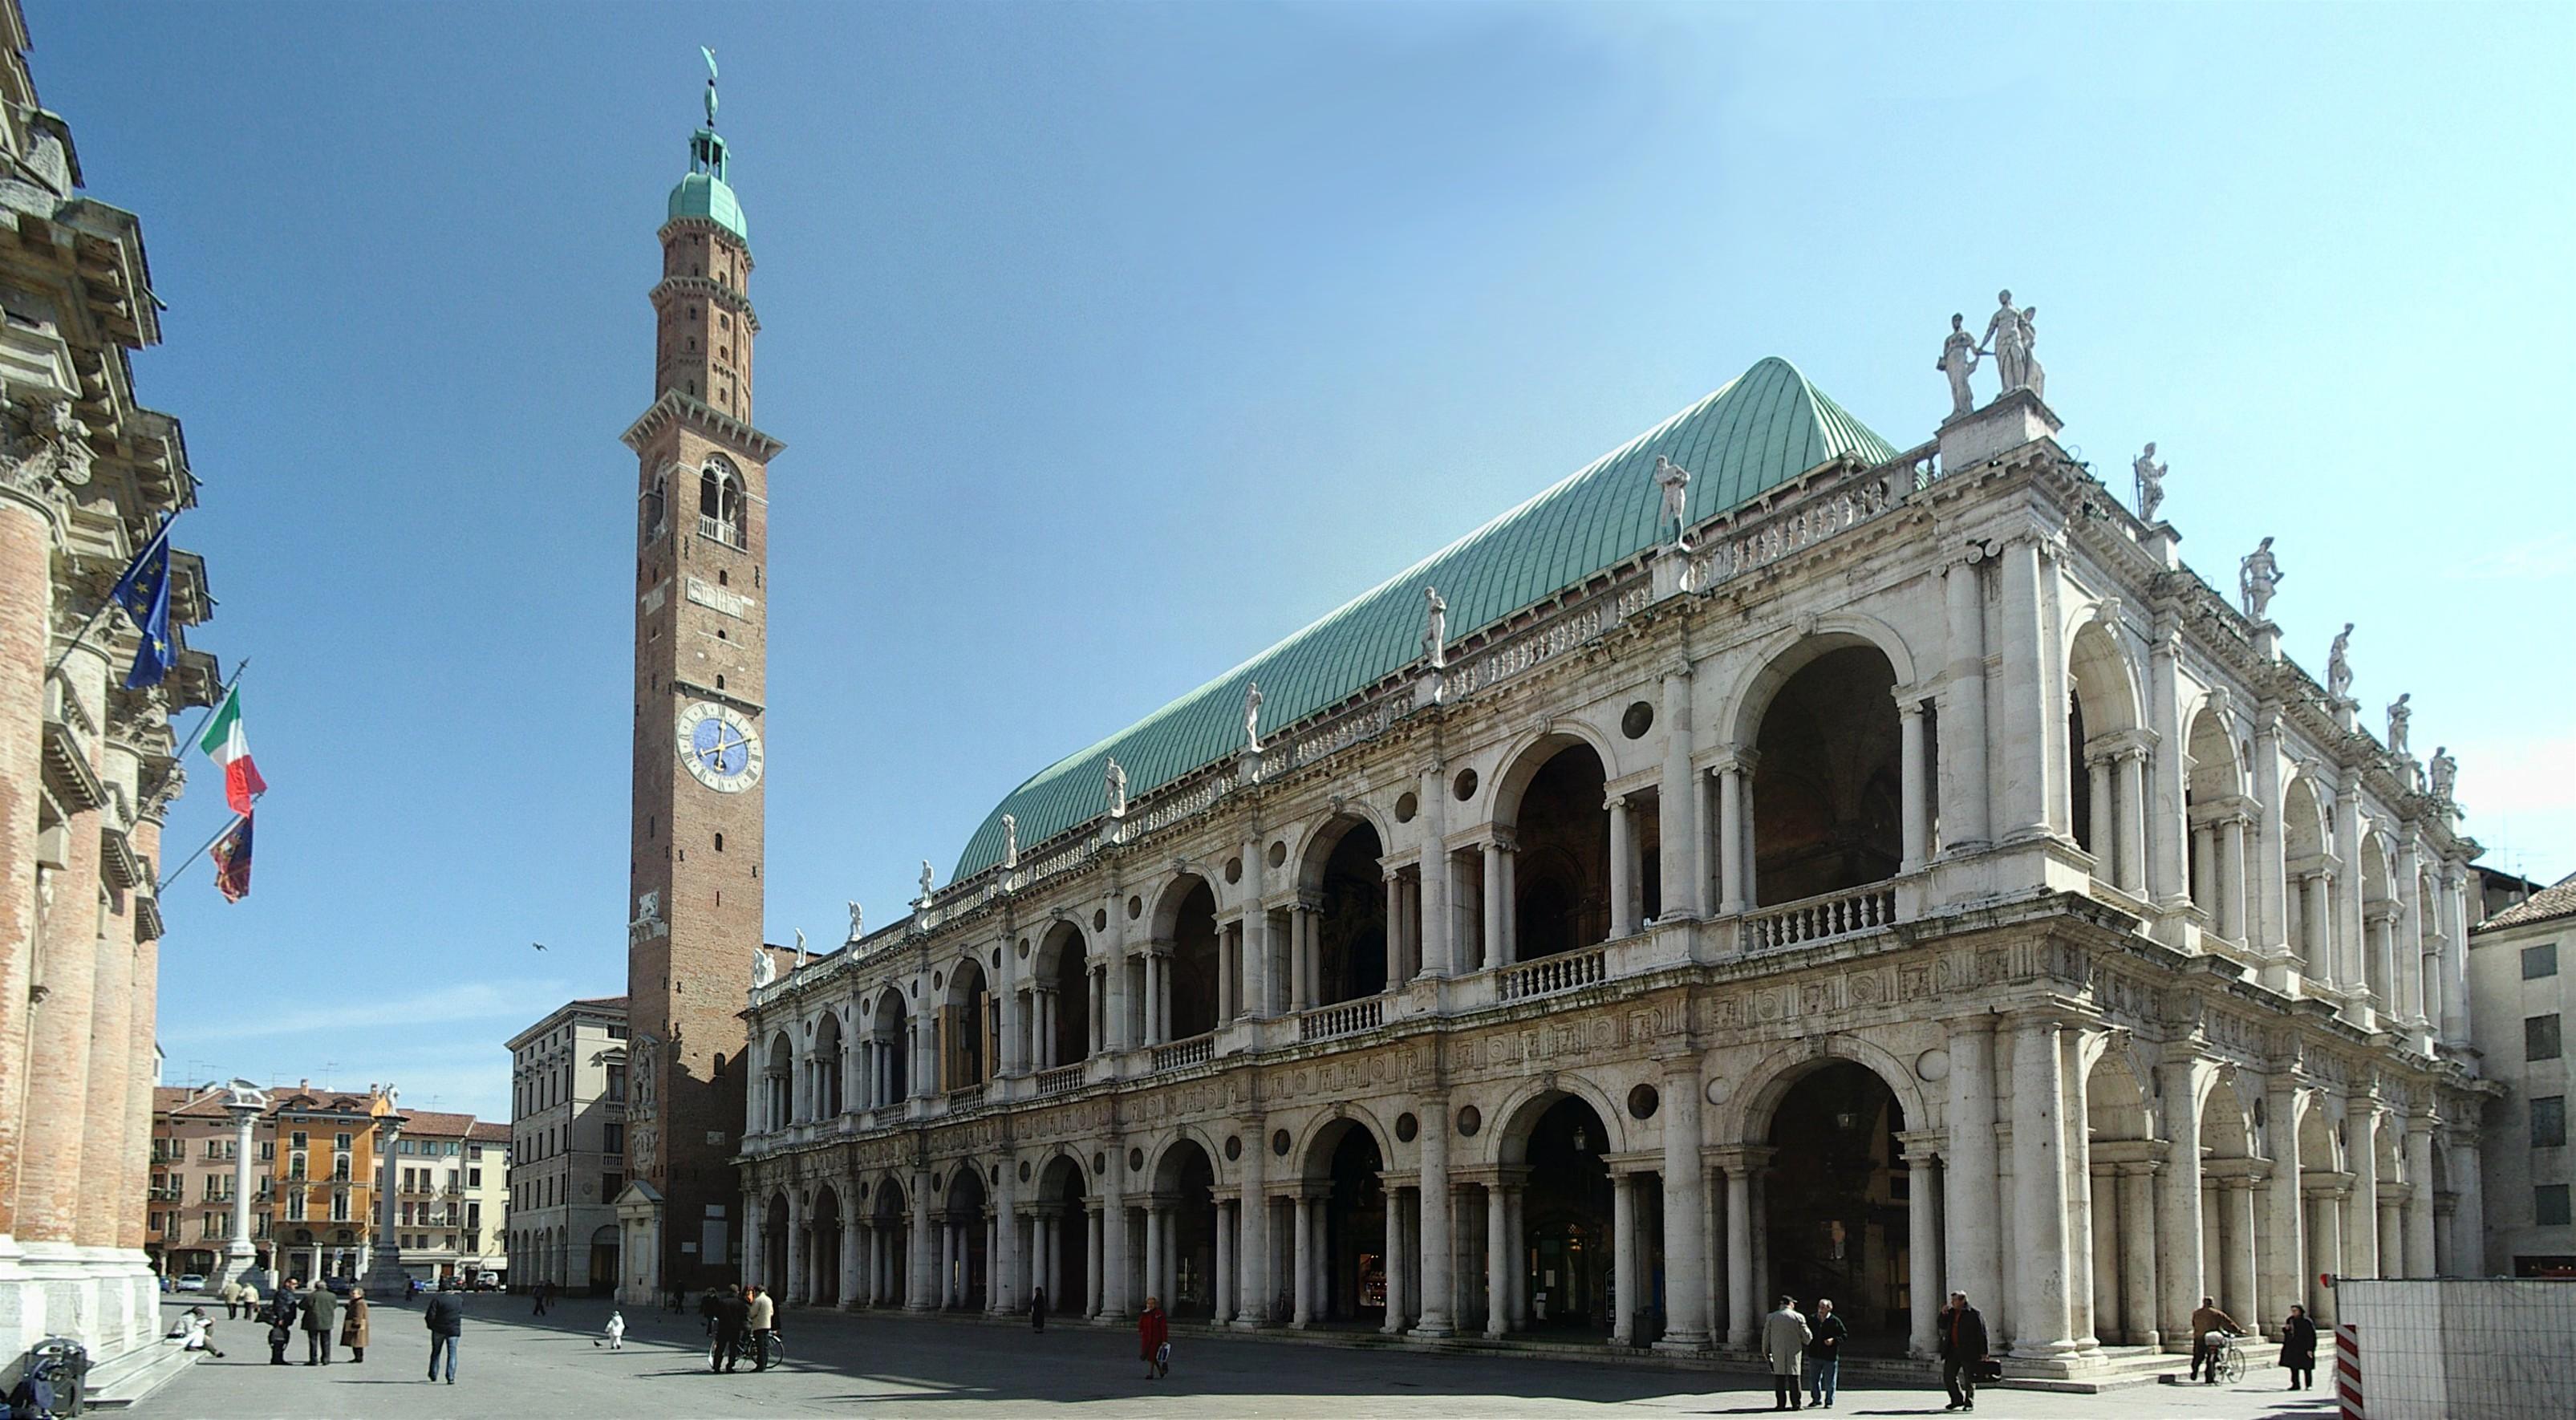 Riapre la Basilica Palladiana: a Vicenza si riaccende la luce del maestro